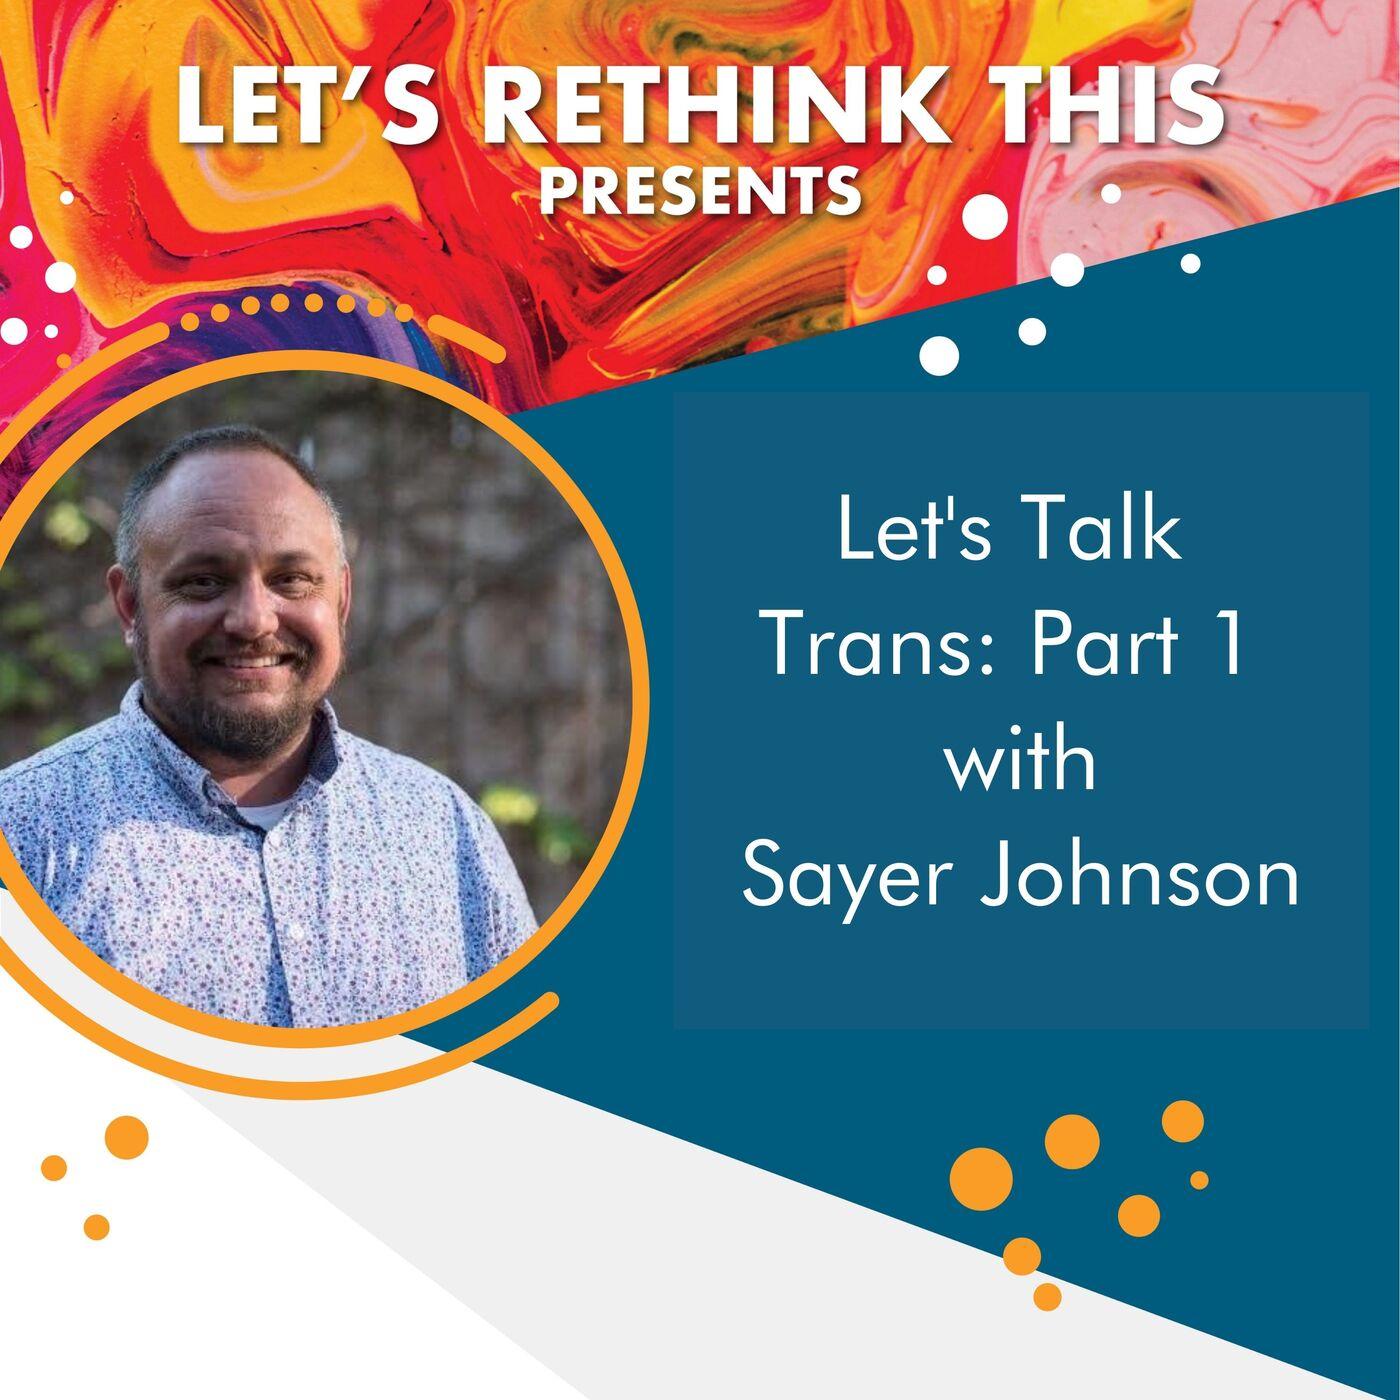 Let's Talk Trans, Part 1